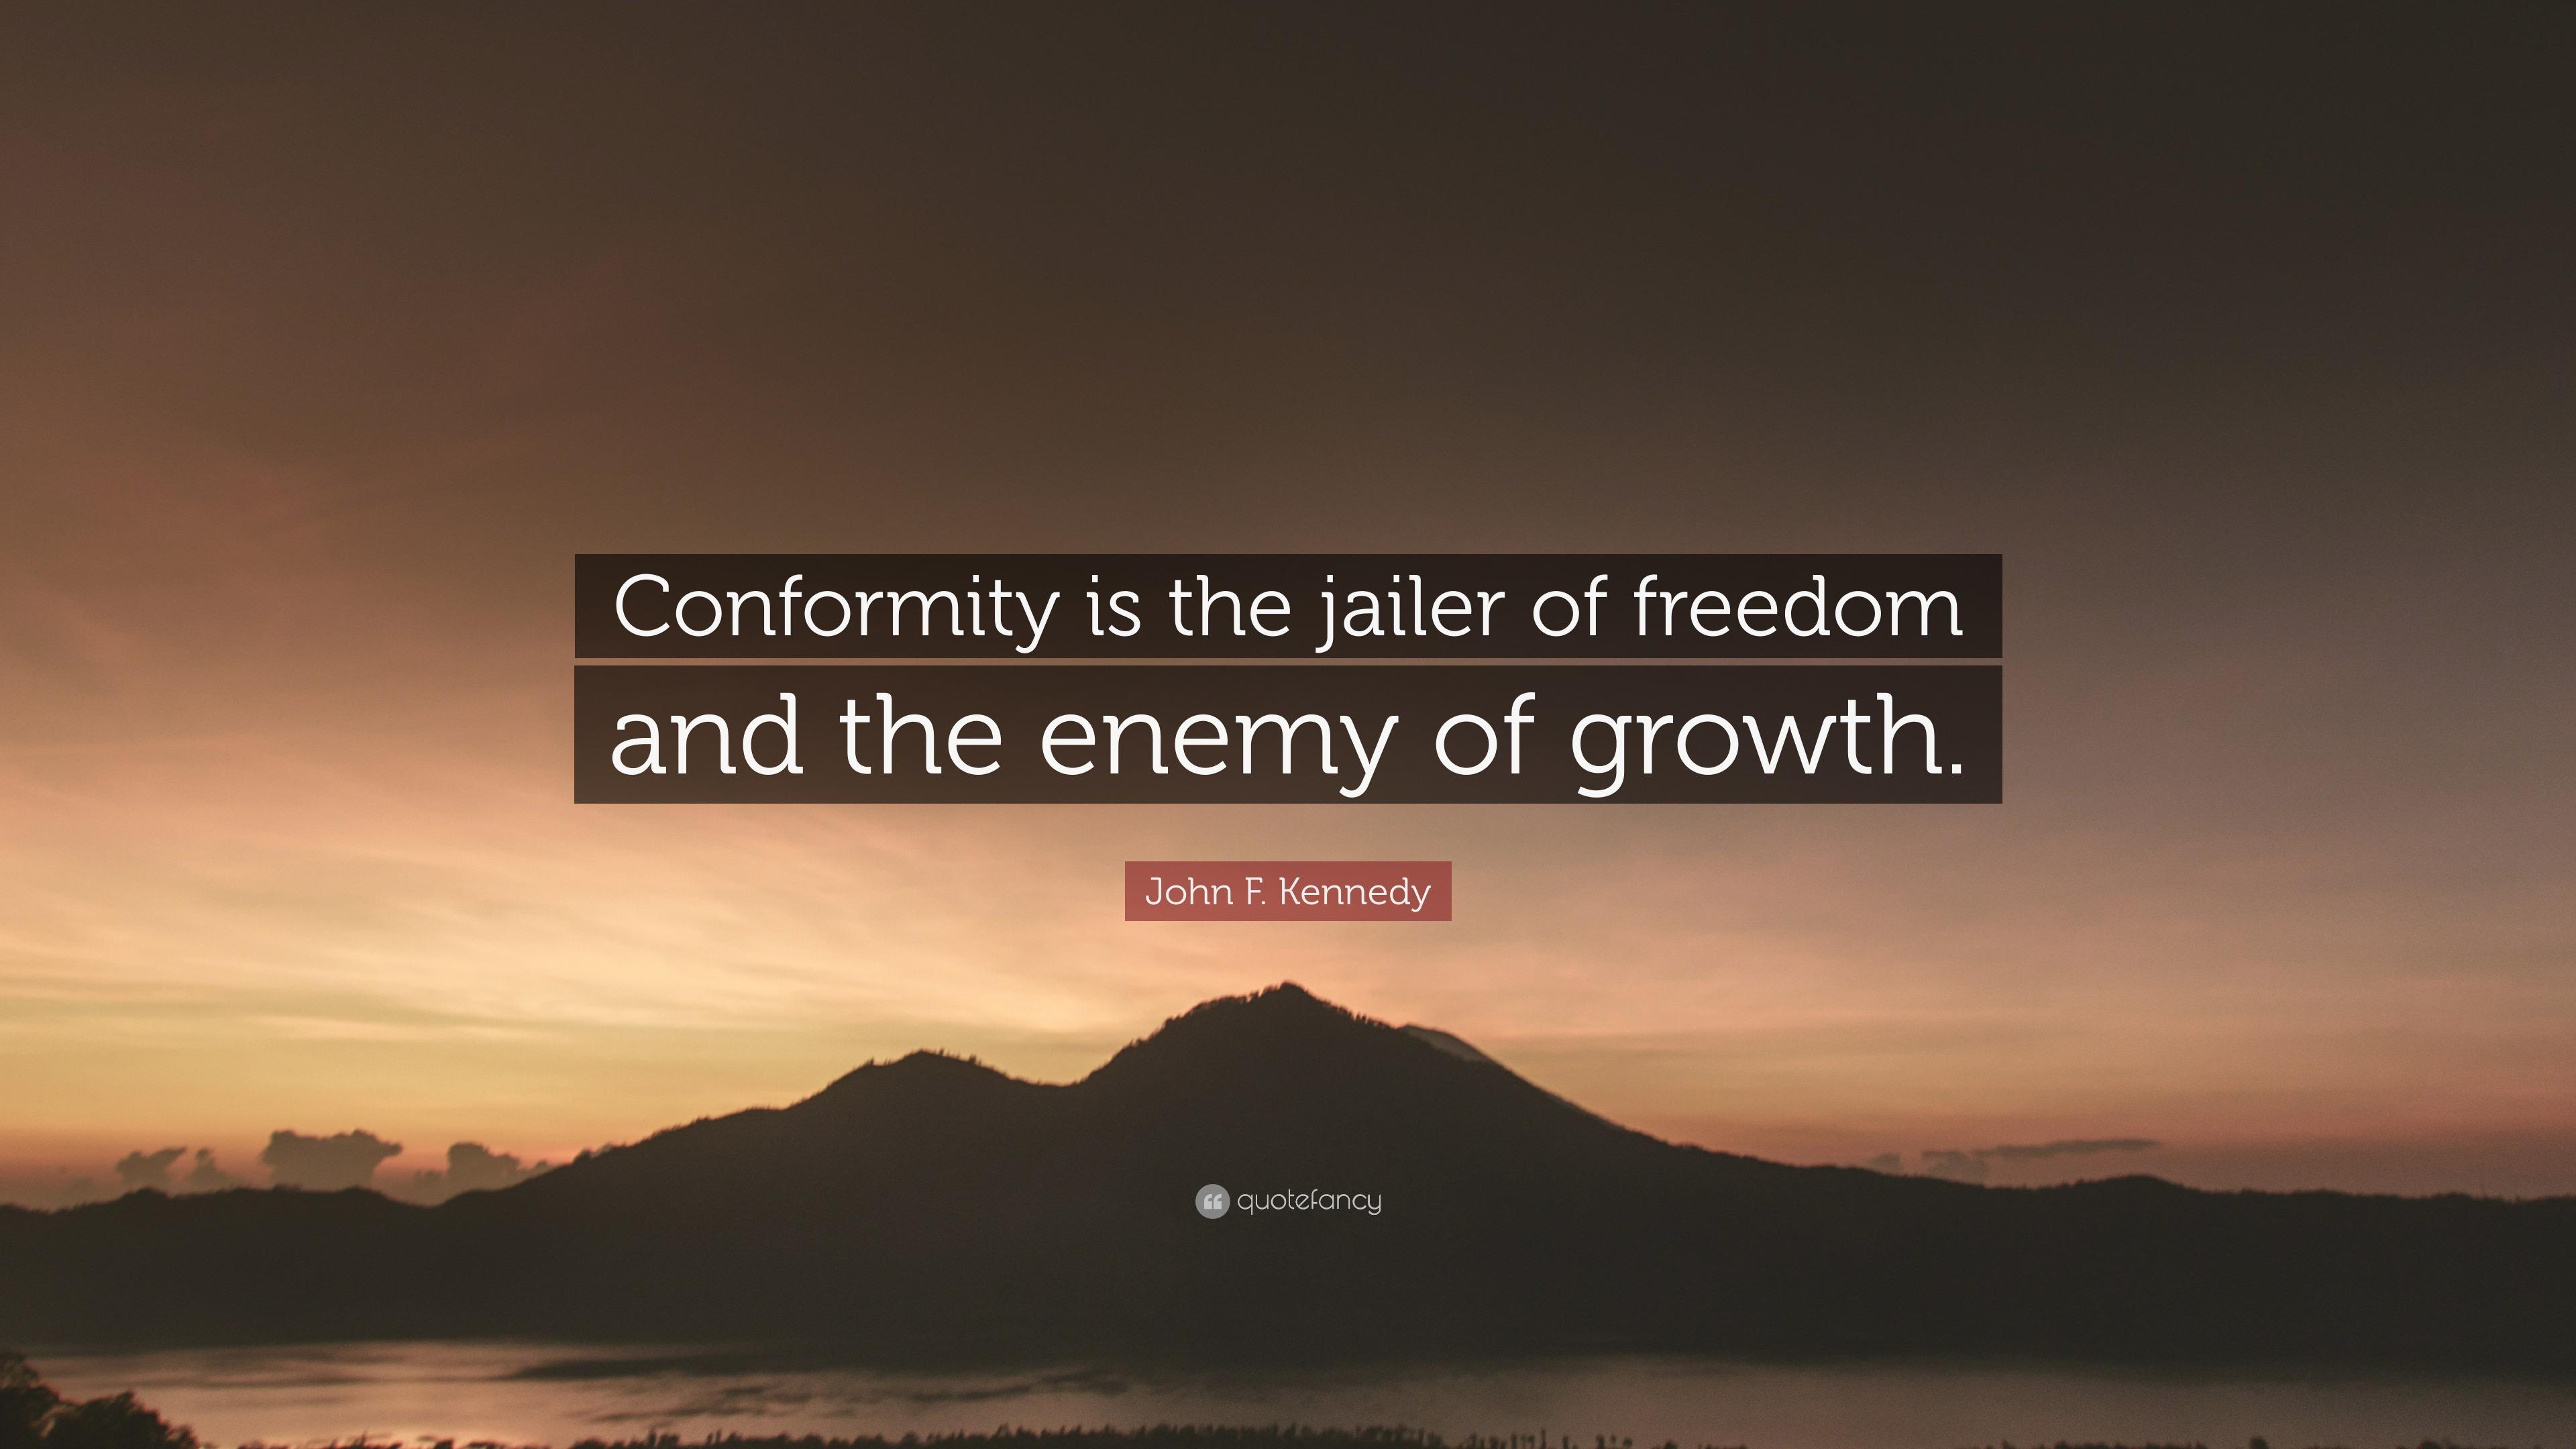 תוצאת תמונה עבור conformity is the jailer of freedom and the enemy of growth